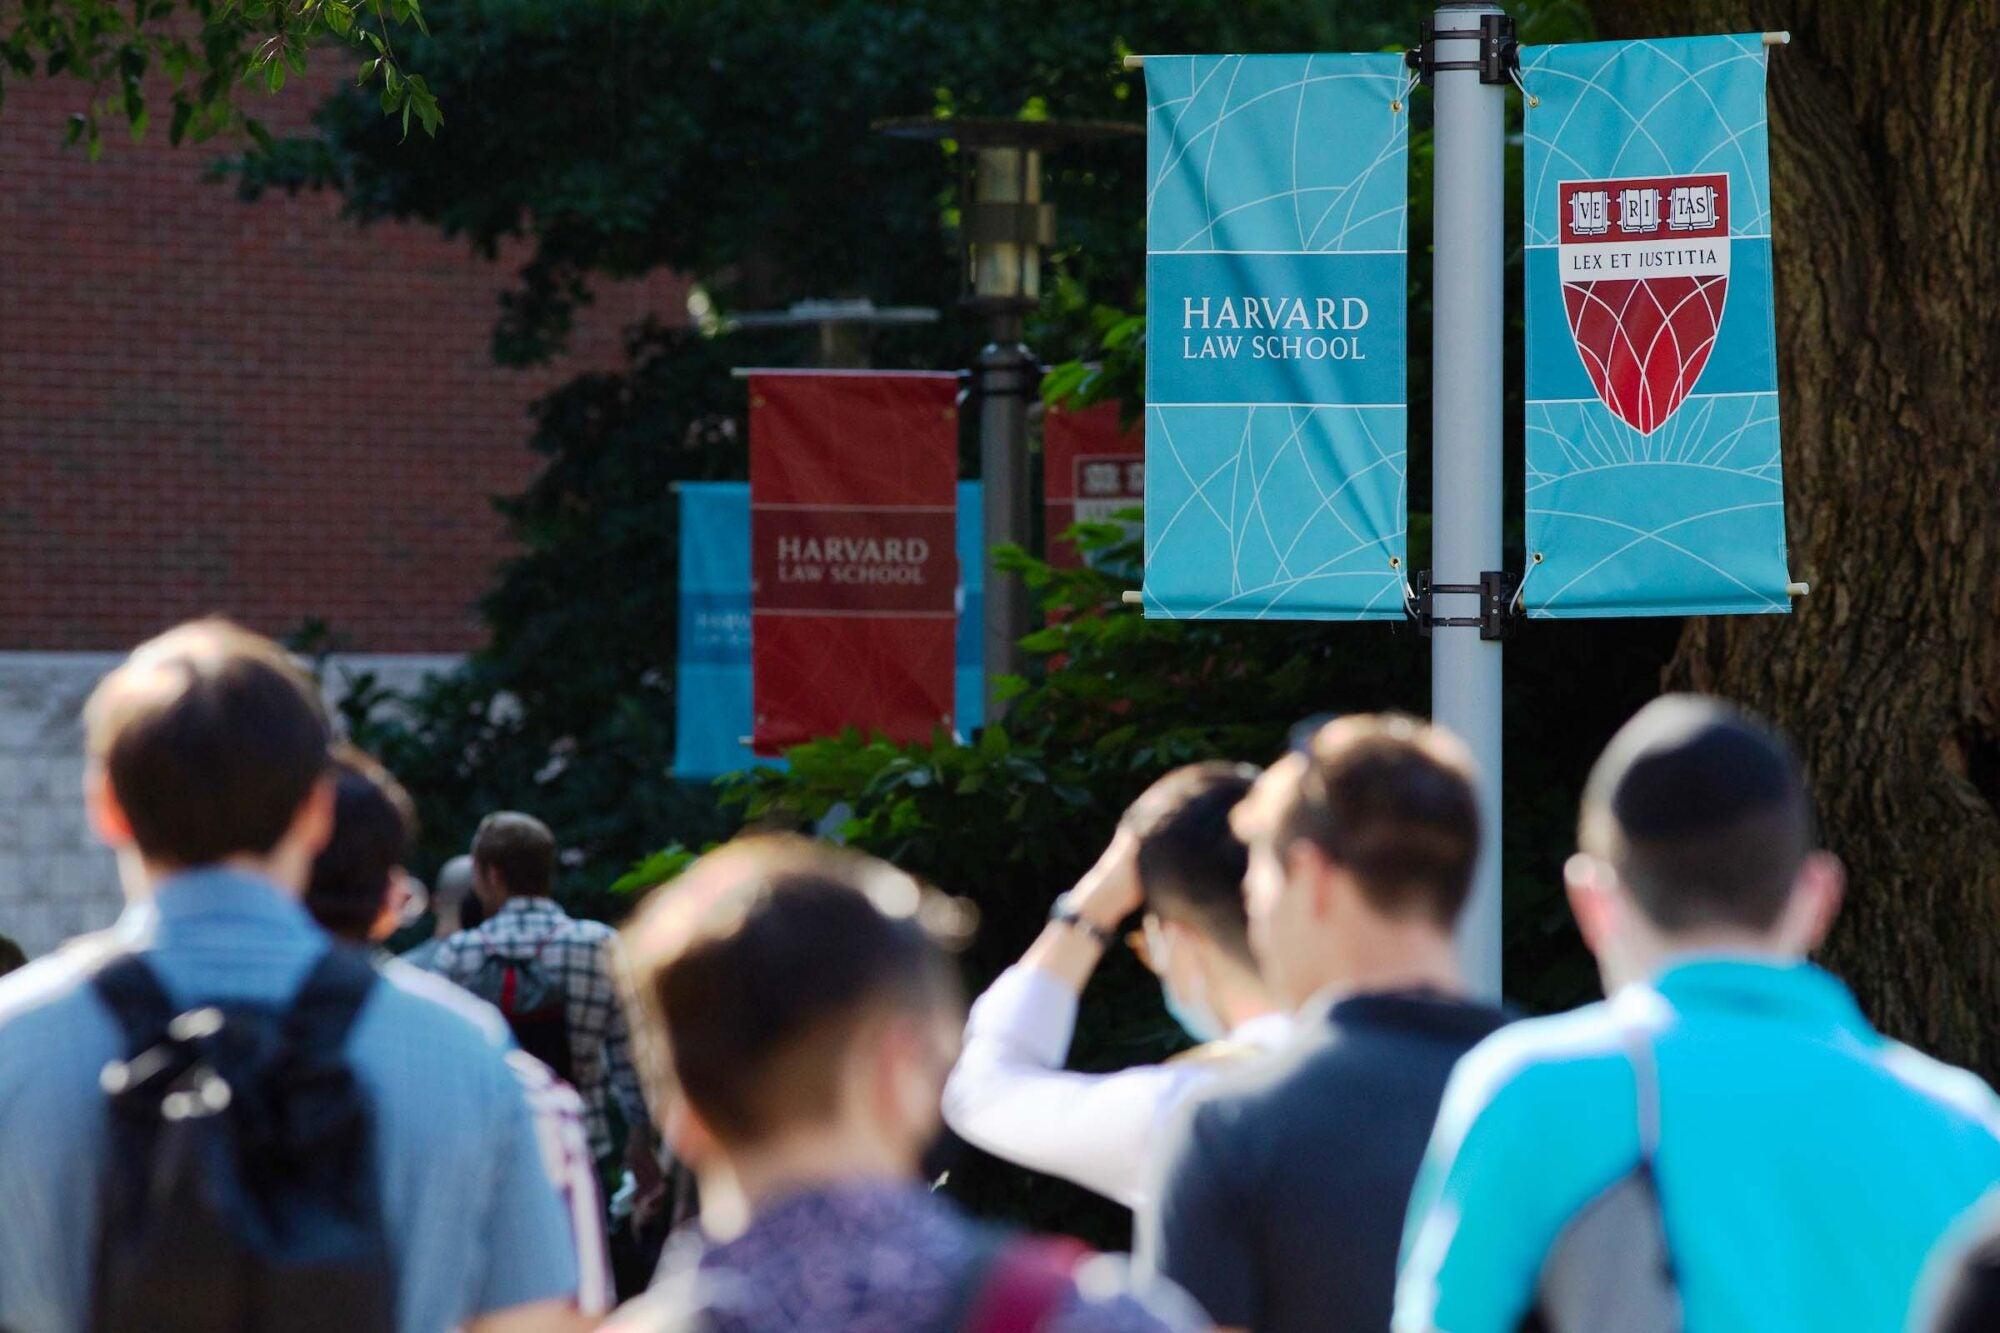 Students walk below Harvard Law School banners